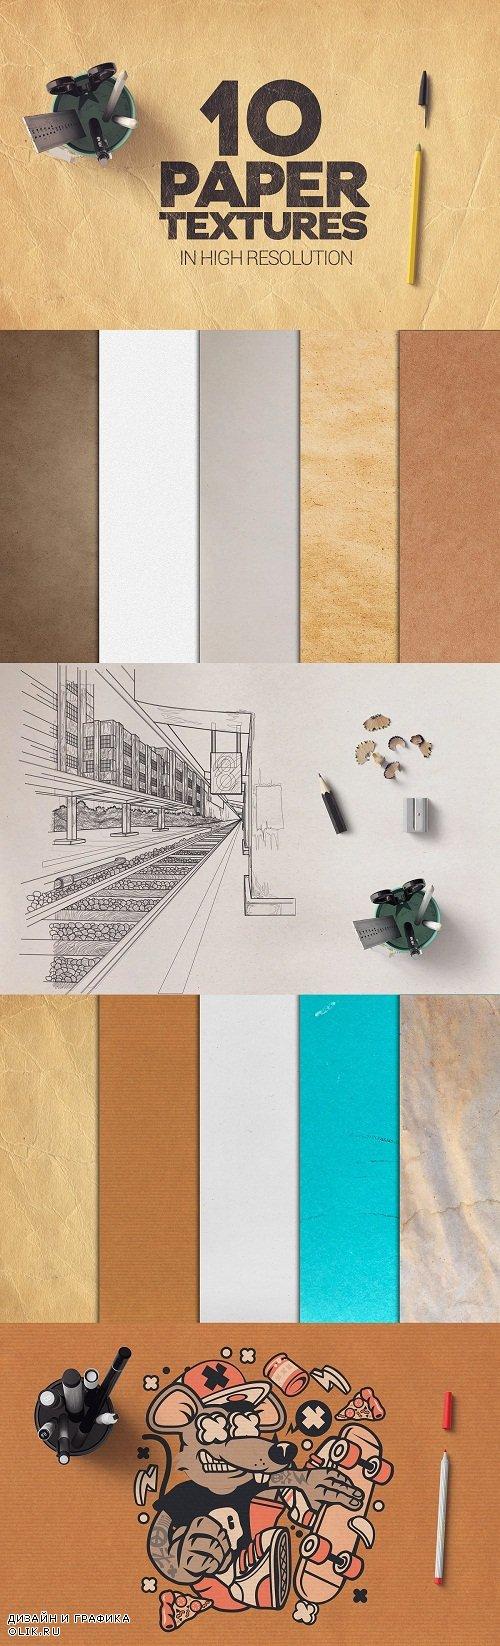 Paper Textures x10 - 3775151